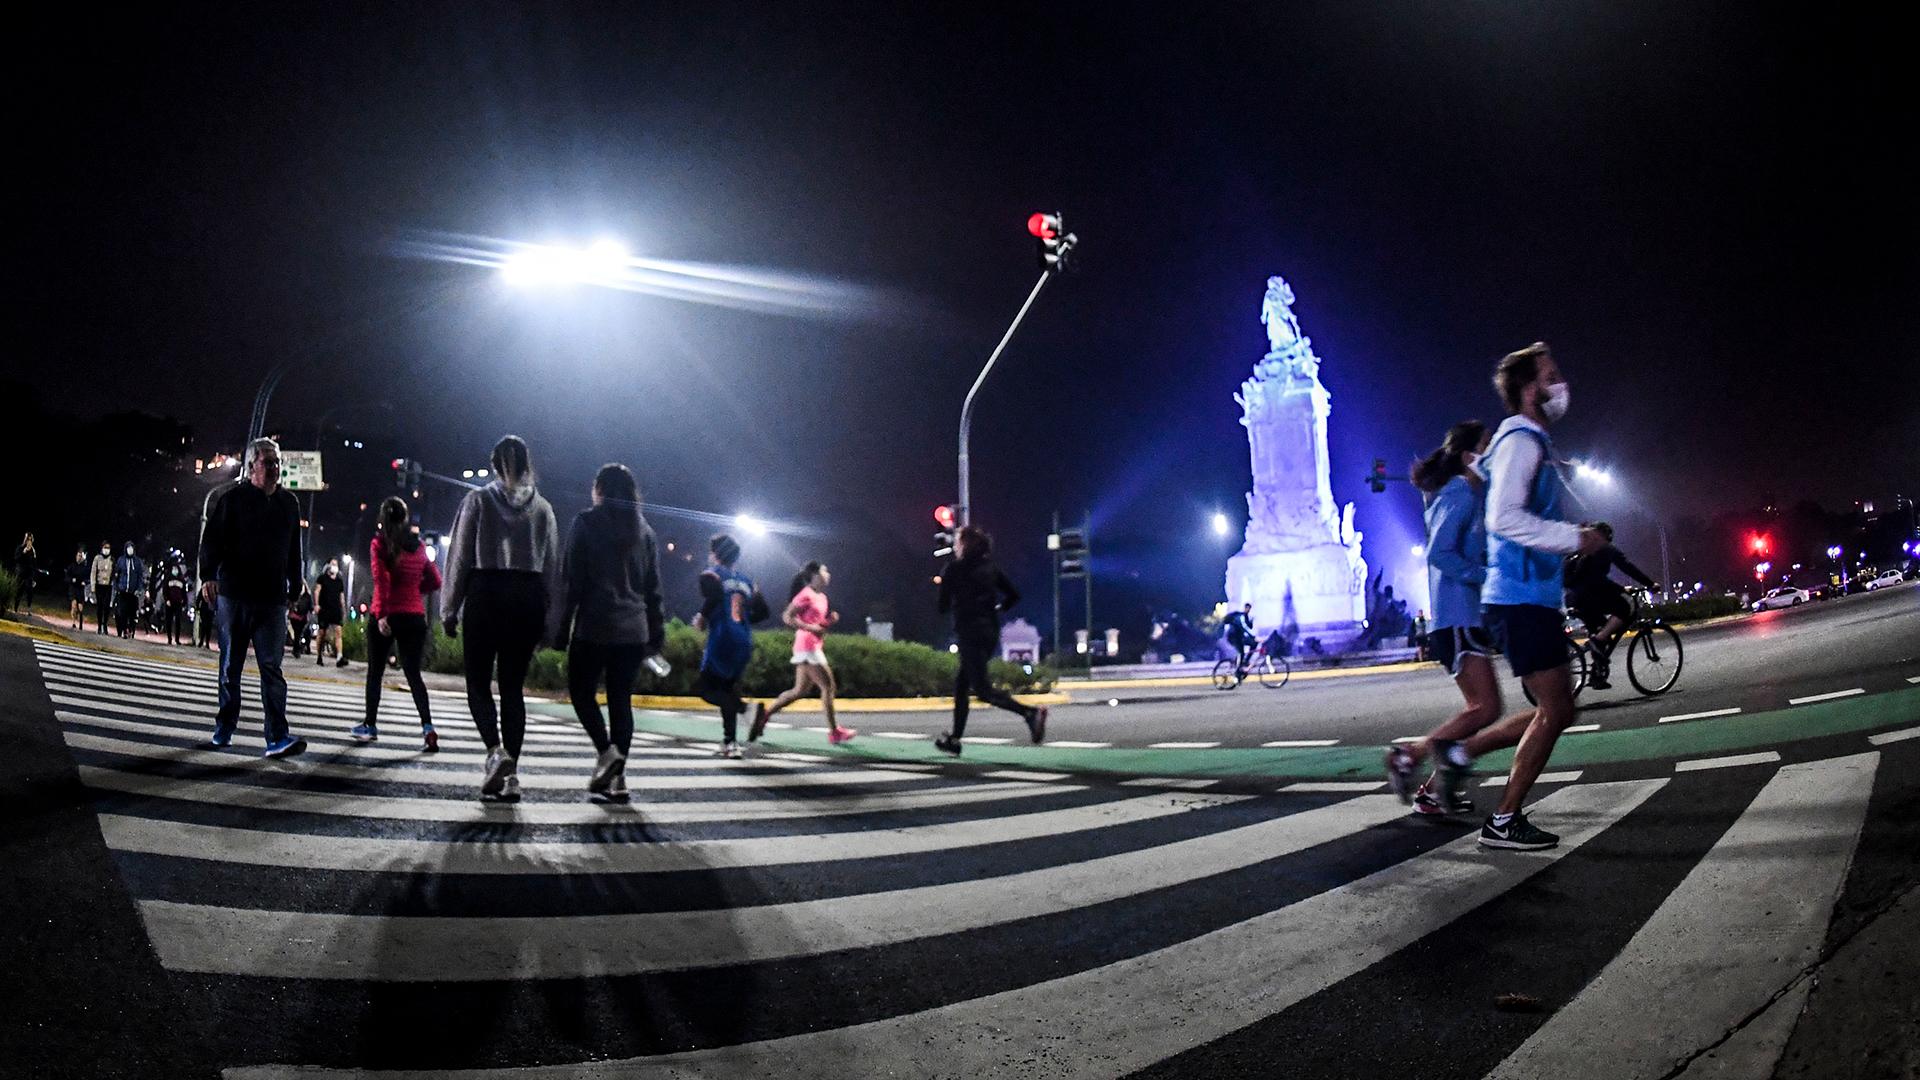 El lunes 8 de junio a las 20 horas empezó a regir la habilitación para salir a hacer actividad física en la Ciudad de Buenos Aires. Miles de porteños salieron a correr, caminar, y andar en bicicleta por parques y plazas, en muchos casos sin respetar la distancia requerida para evitar contagios de COVID-19. En el gobierno de Horacio Rodríguez Larreta hubo un alerta y se advirtió que si crecían los casos de coronavirus se daría marcha atrás con la medida.